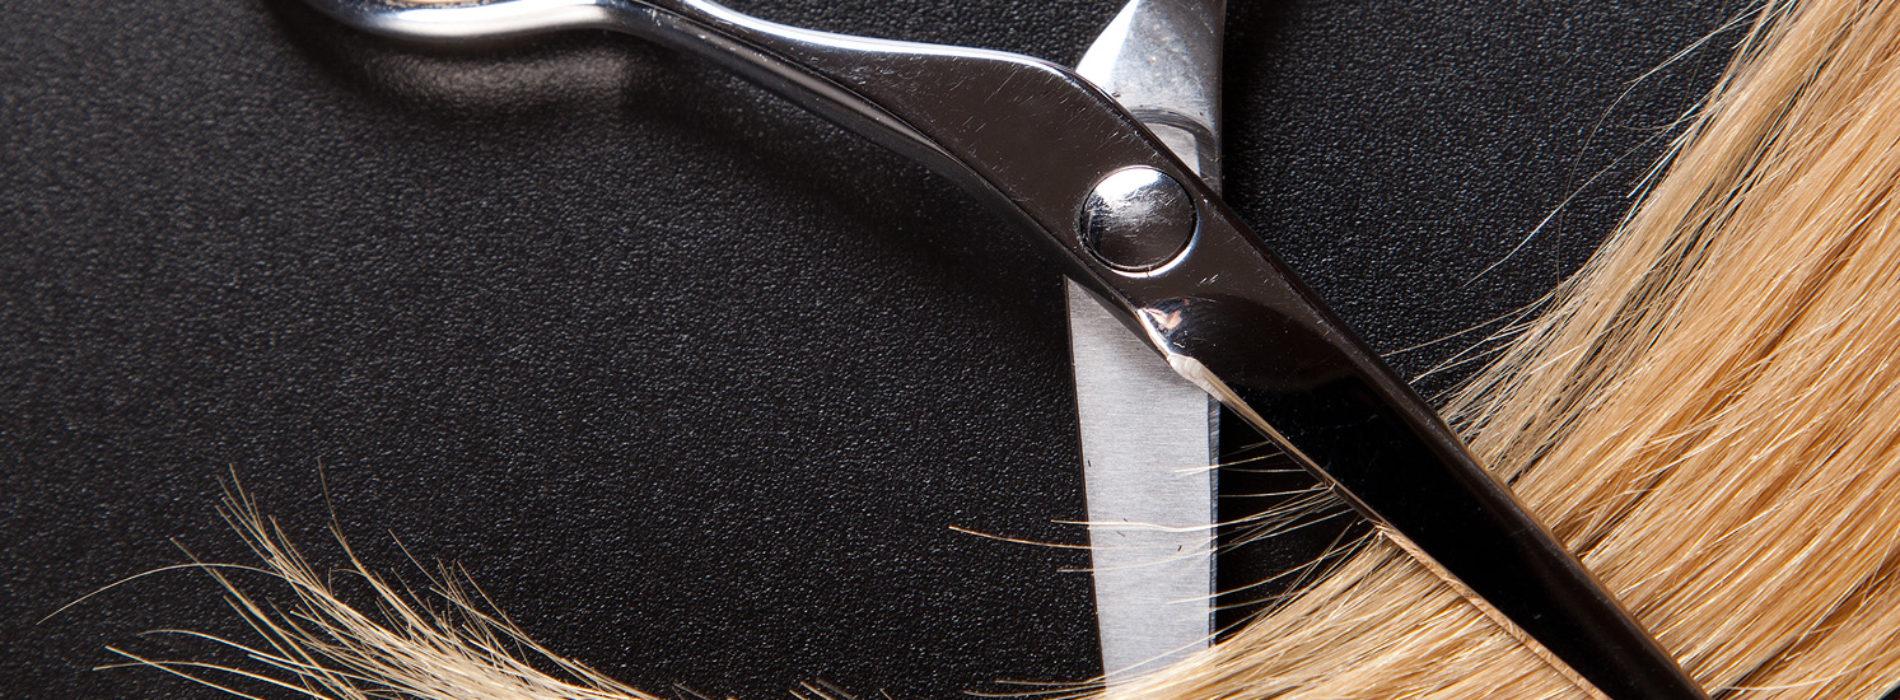 Jak założyć własny zakład fryzjerski